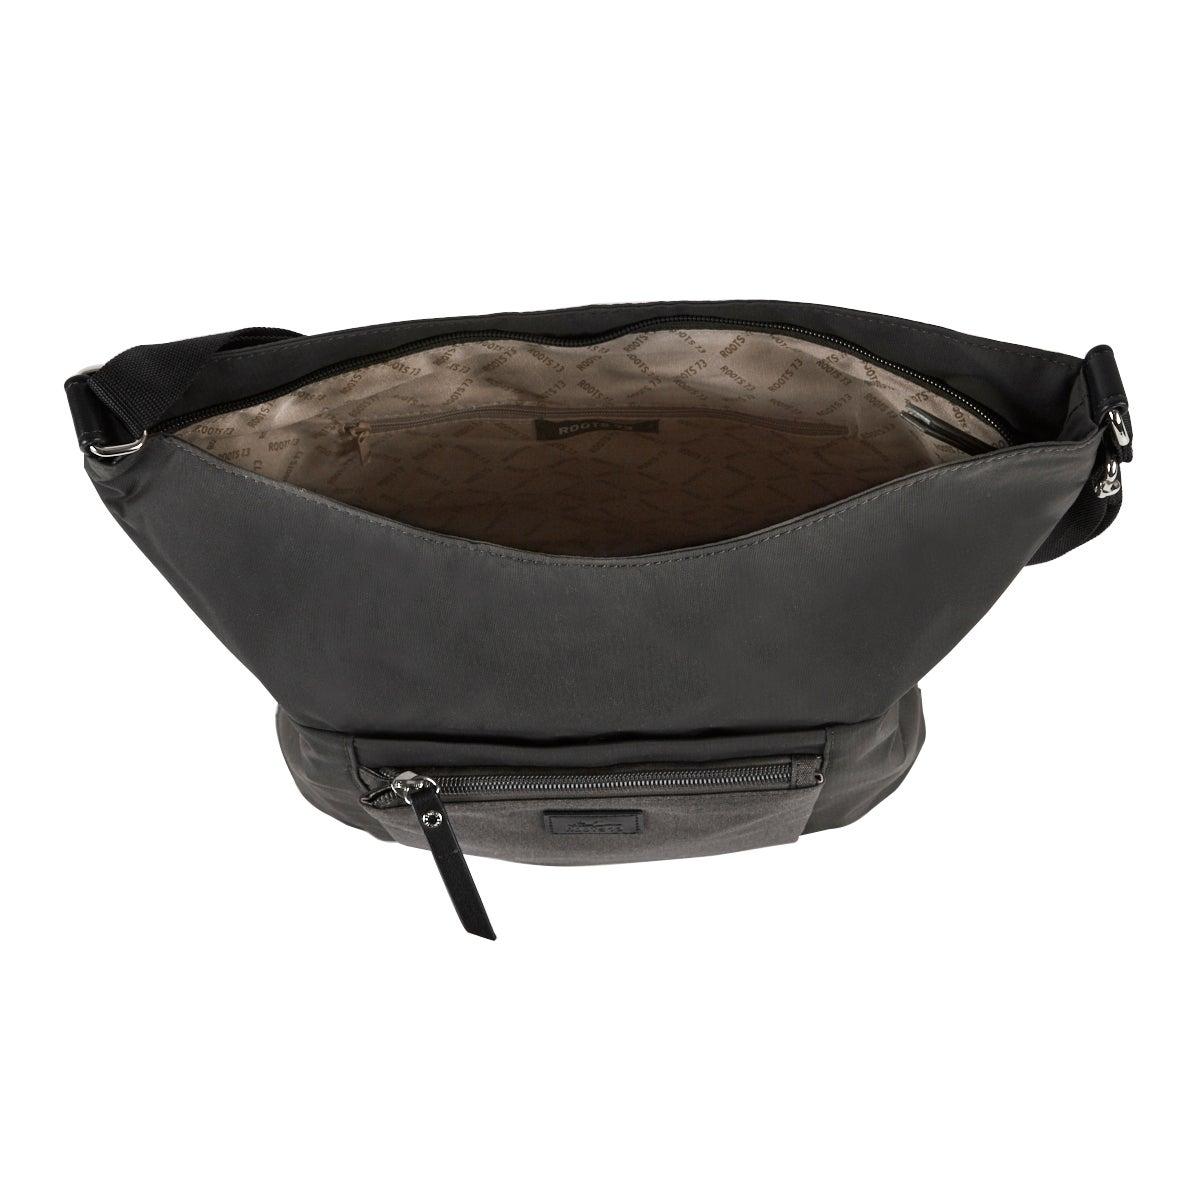 Lds Roots73 grey front pocket hobo bag